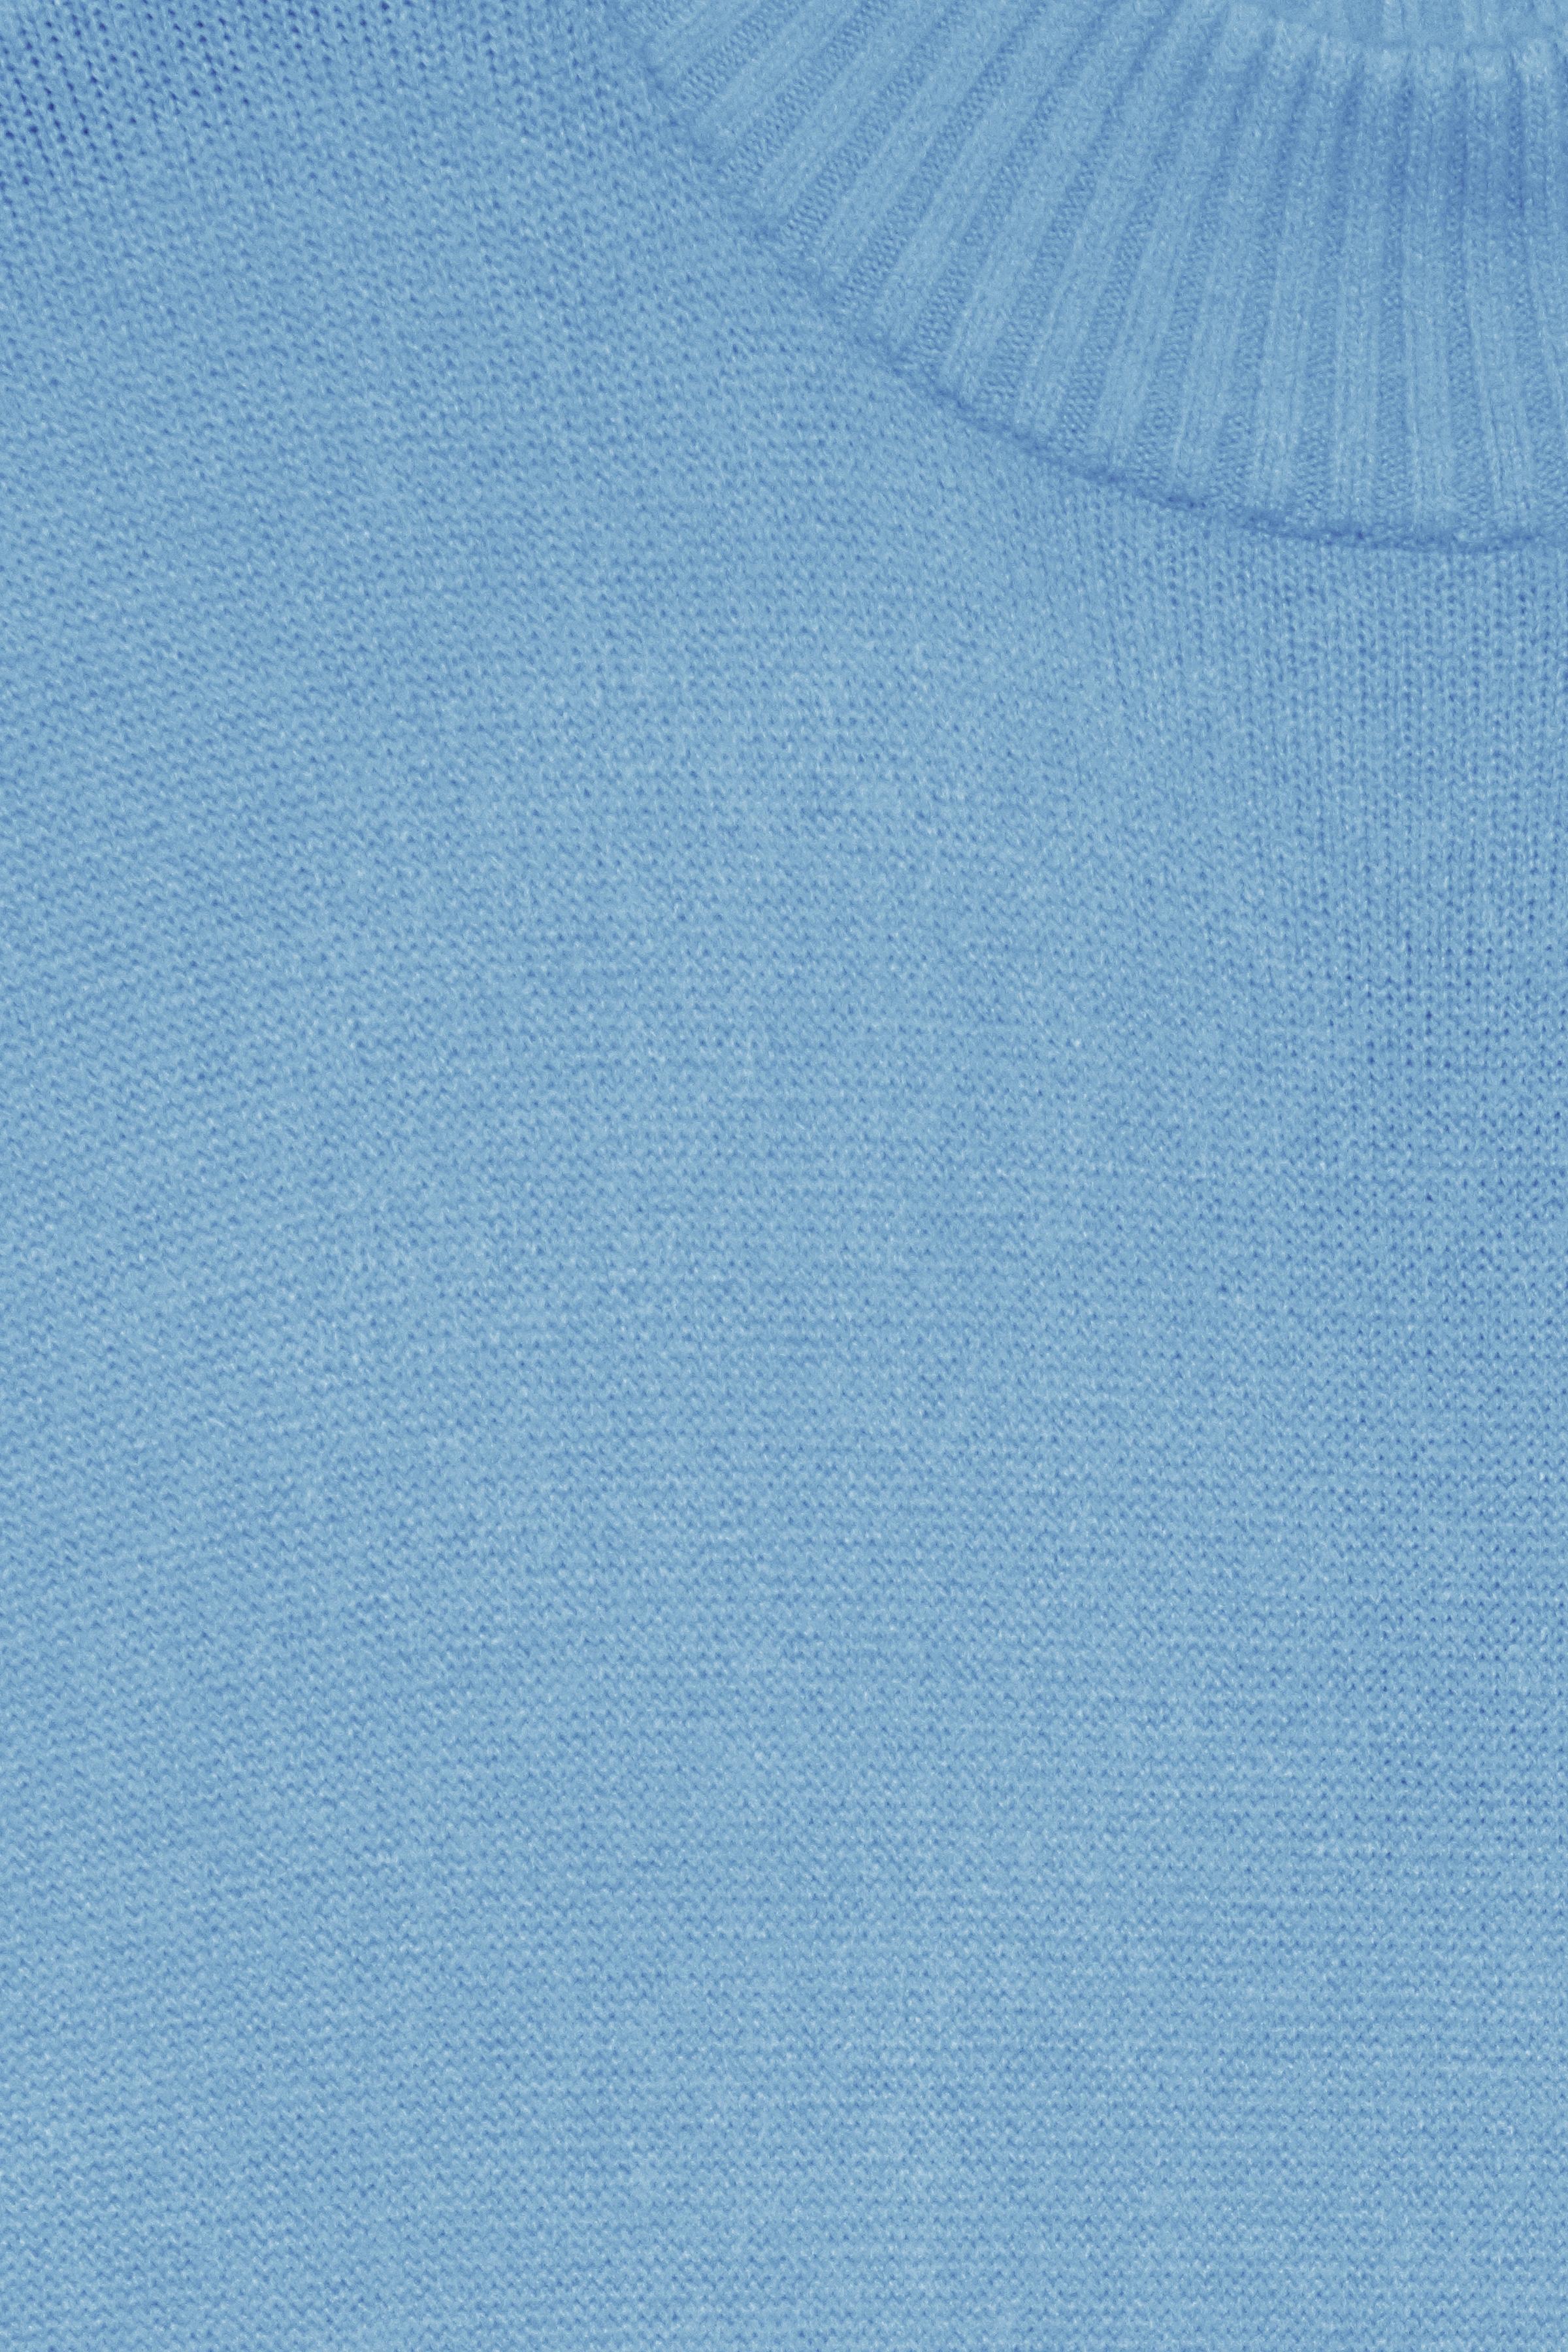 Cornflower Blue Strickpullover von b.young – Kaufen Sie Cornflower Blue Strickpullover aus Größe XS-XXL hier